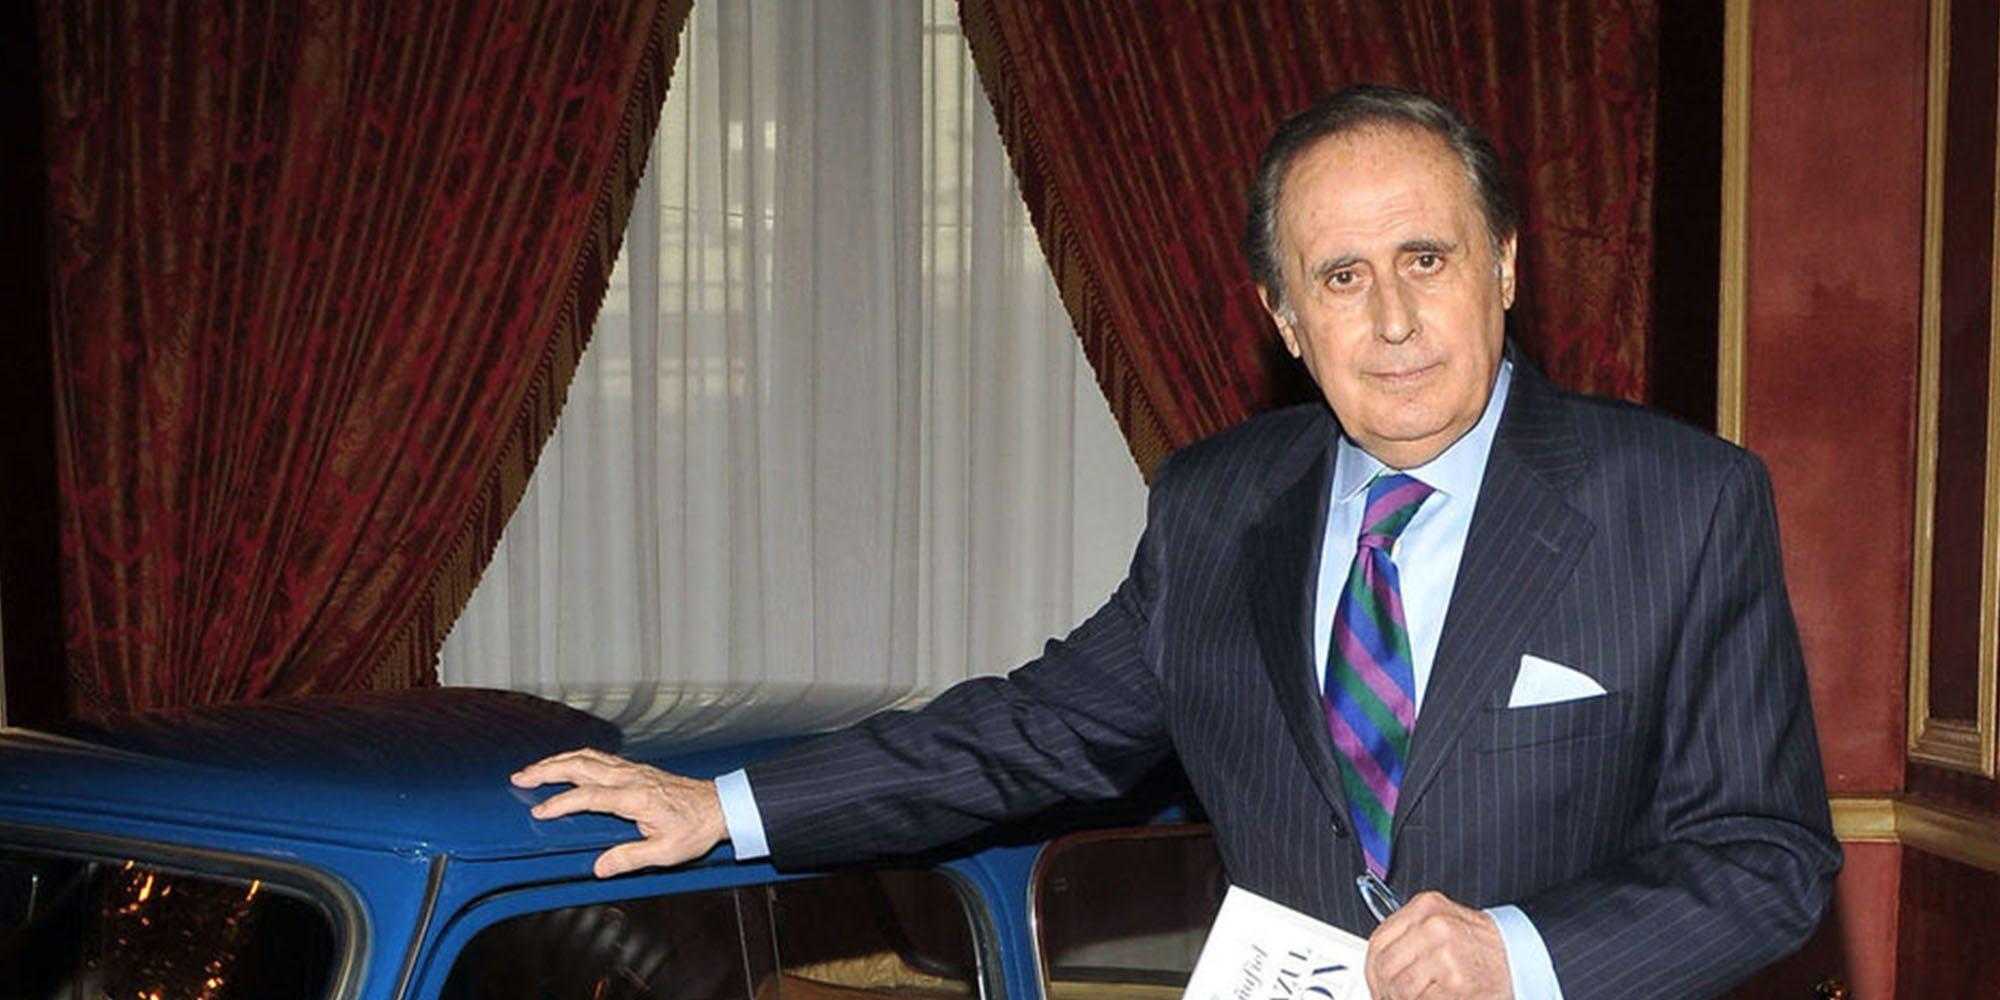 """Jaime Peñafiel, contundente con la visita de los Reyes al Rey Juan Carlos: """"Esto es una tomadura de pelo"""""""